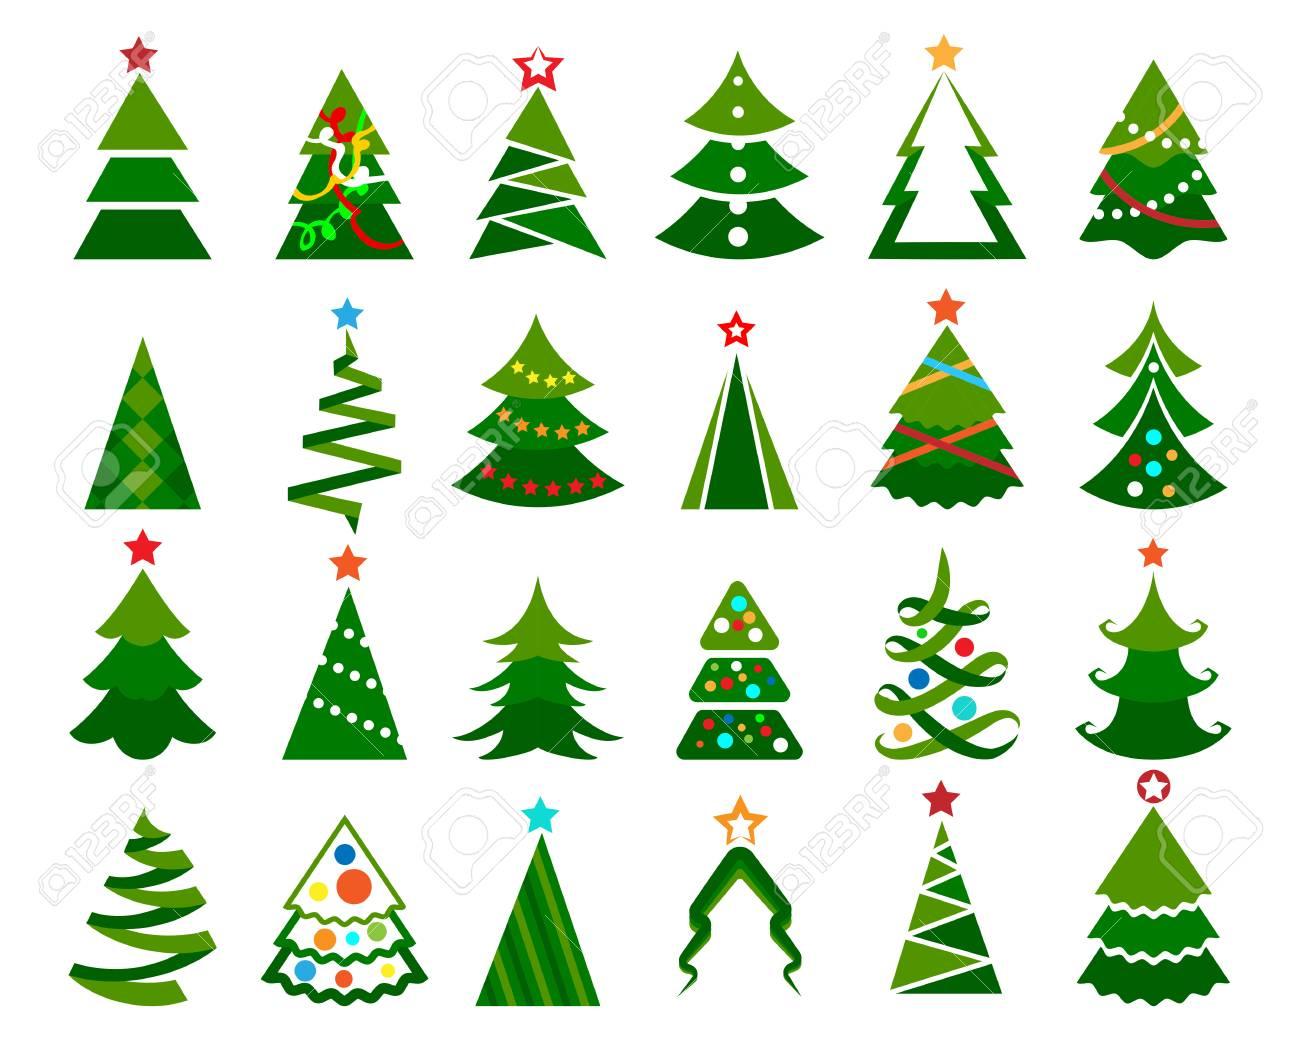 Arboles De Navidad Dibujos Coloreados.Conjunto De Vectores De Arbol De Navidad Ilustracion Coloreada De Dibujos Animados De Arboles Christma Felices Con Bolas Aisladas Sobre Fondo Blanco